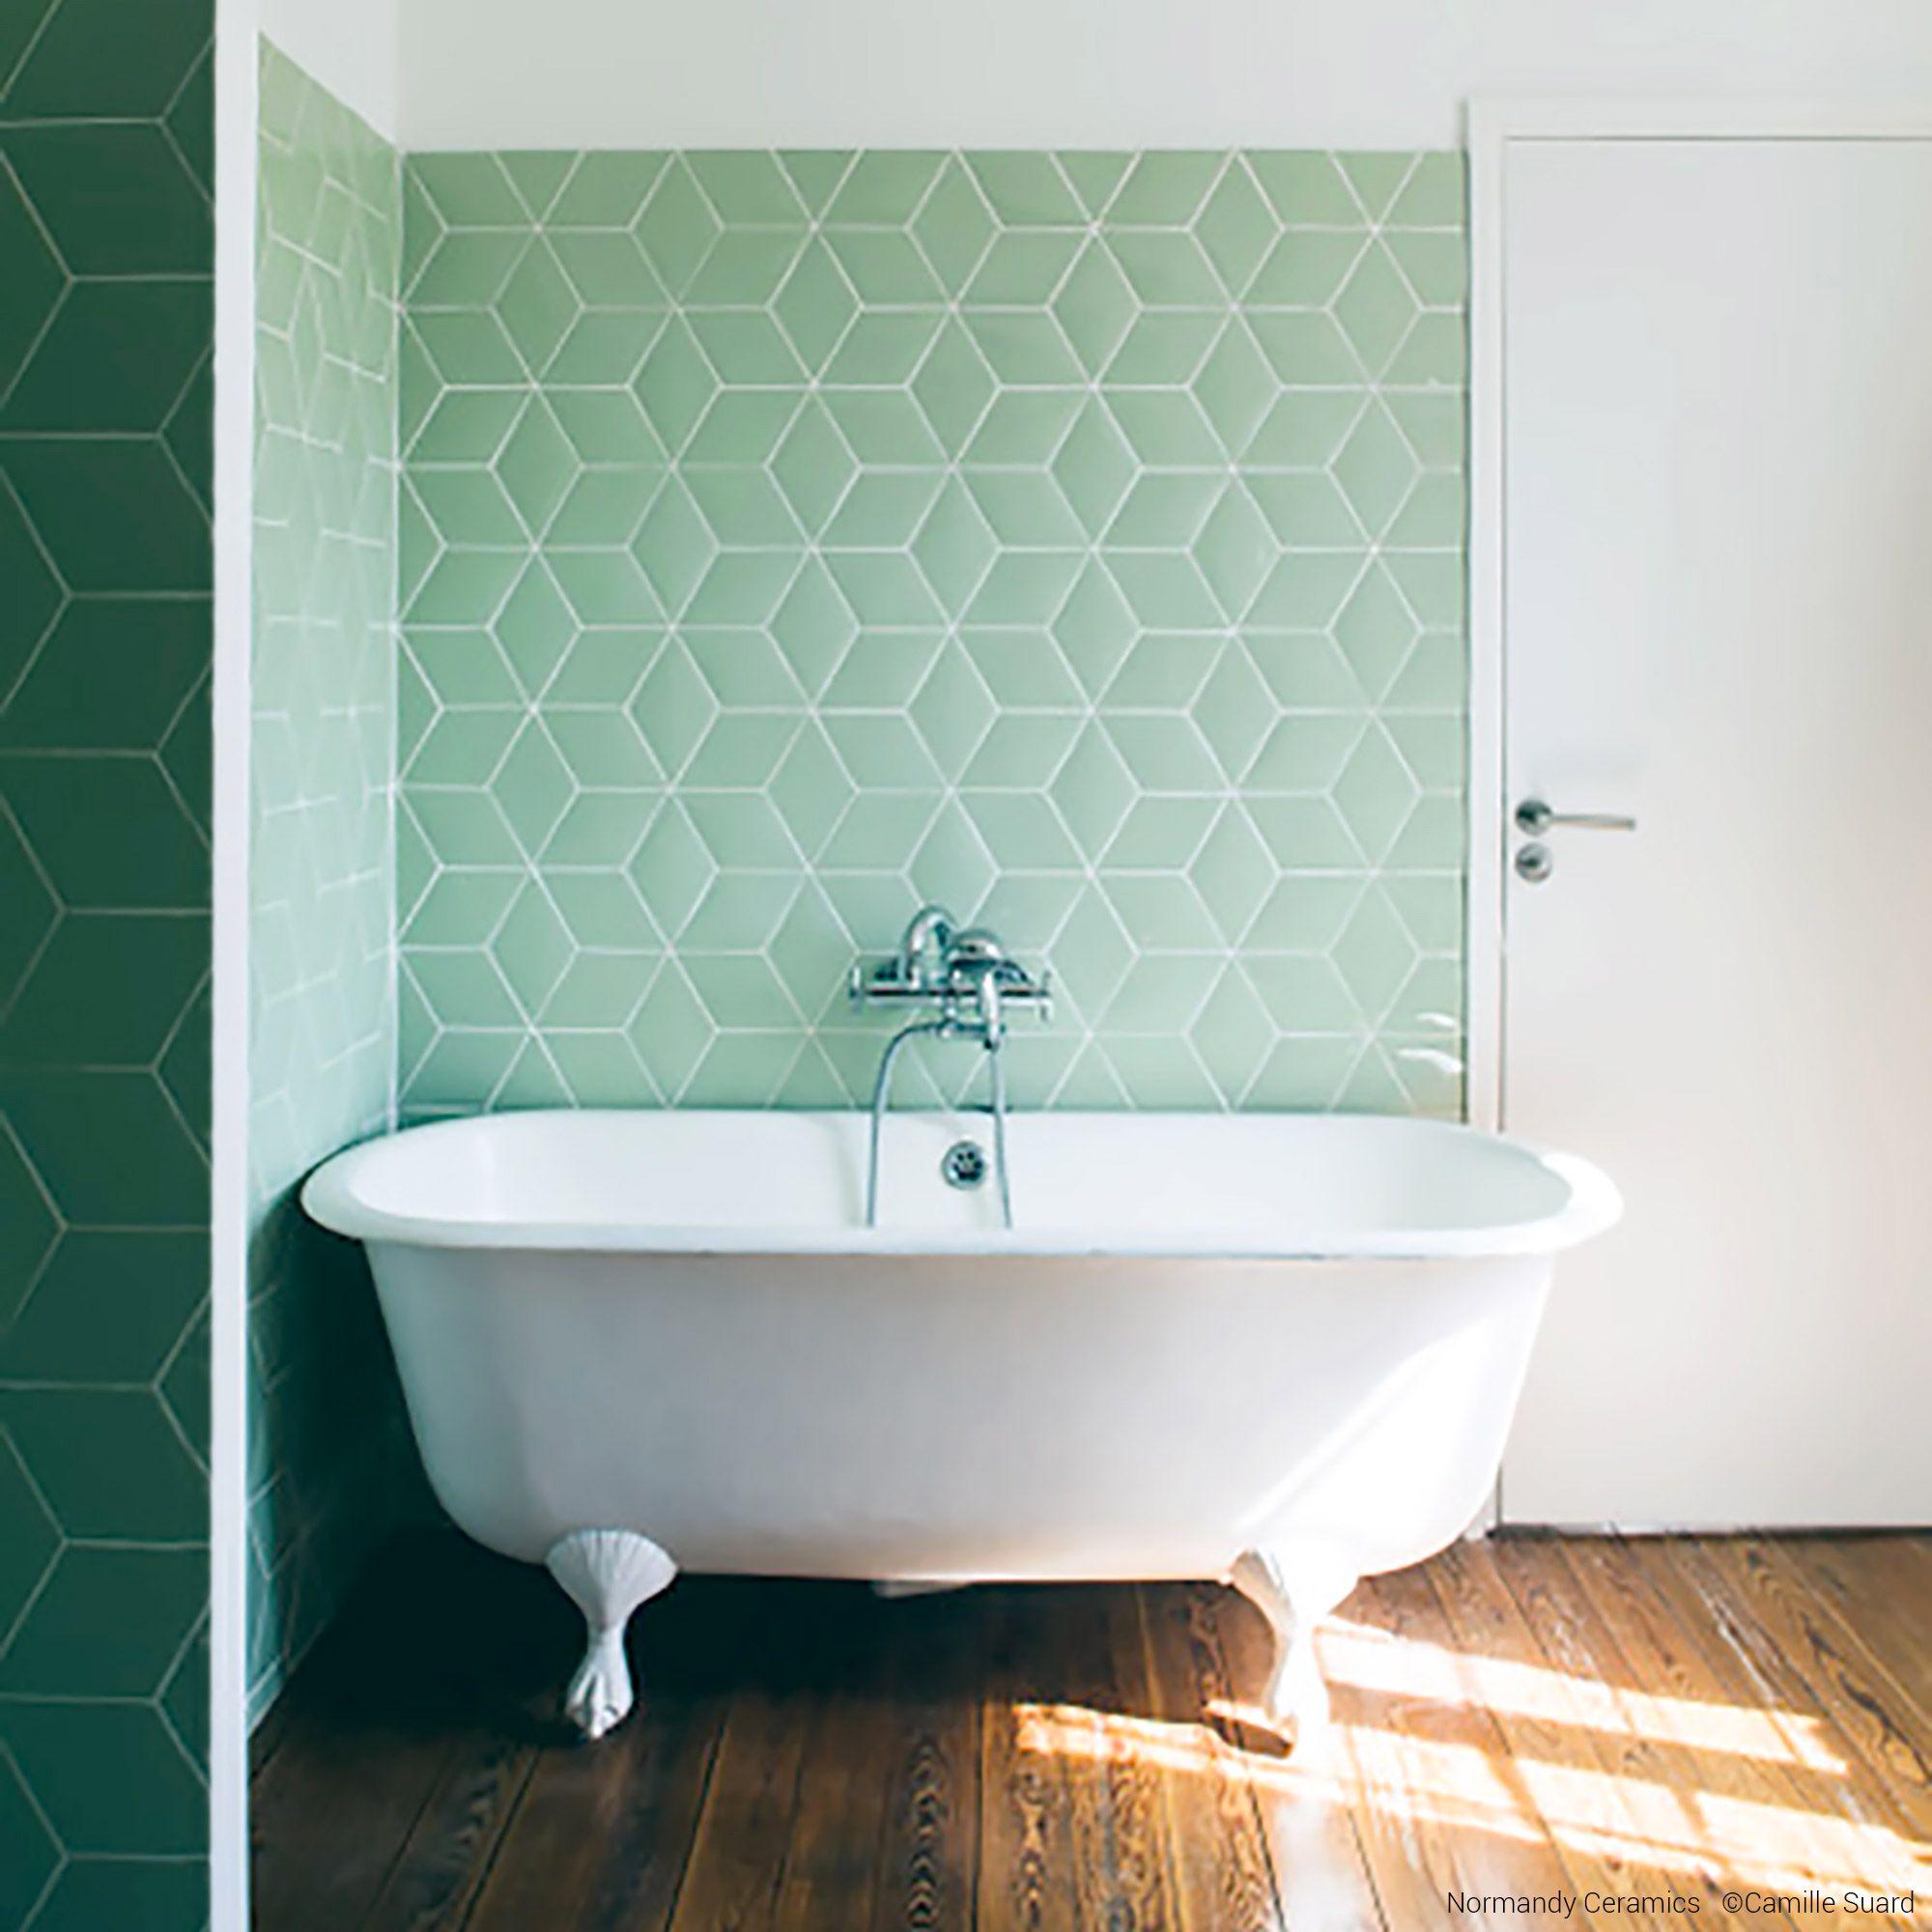 salle de bain gris et rose carreaux losanges camille flammarion x normandy ceramics